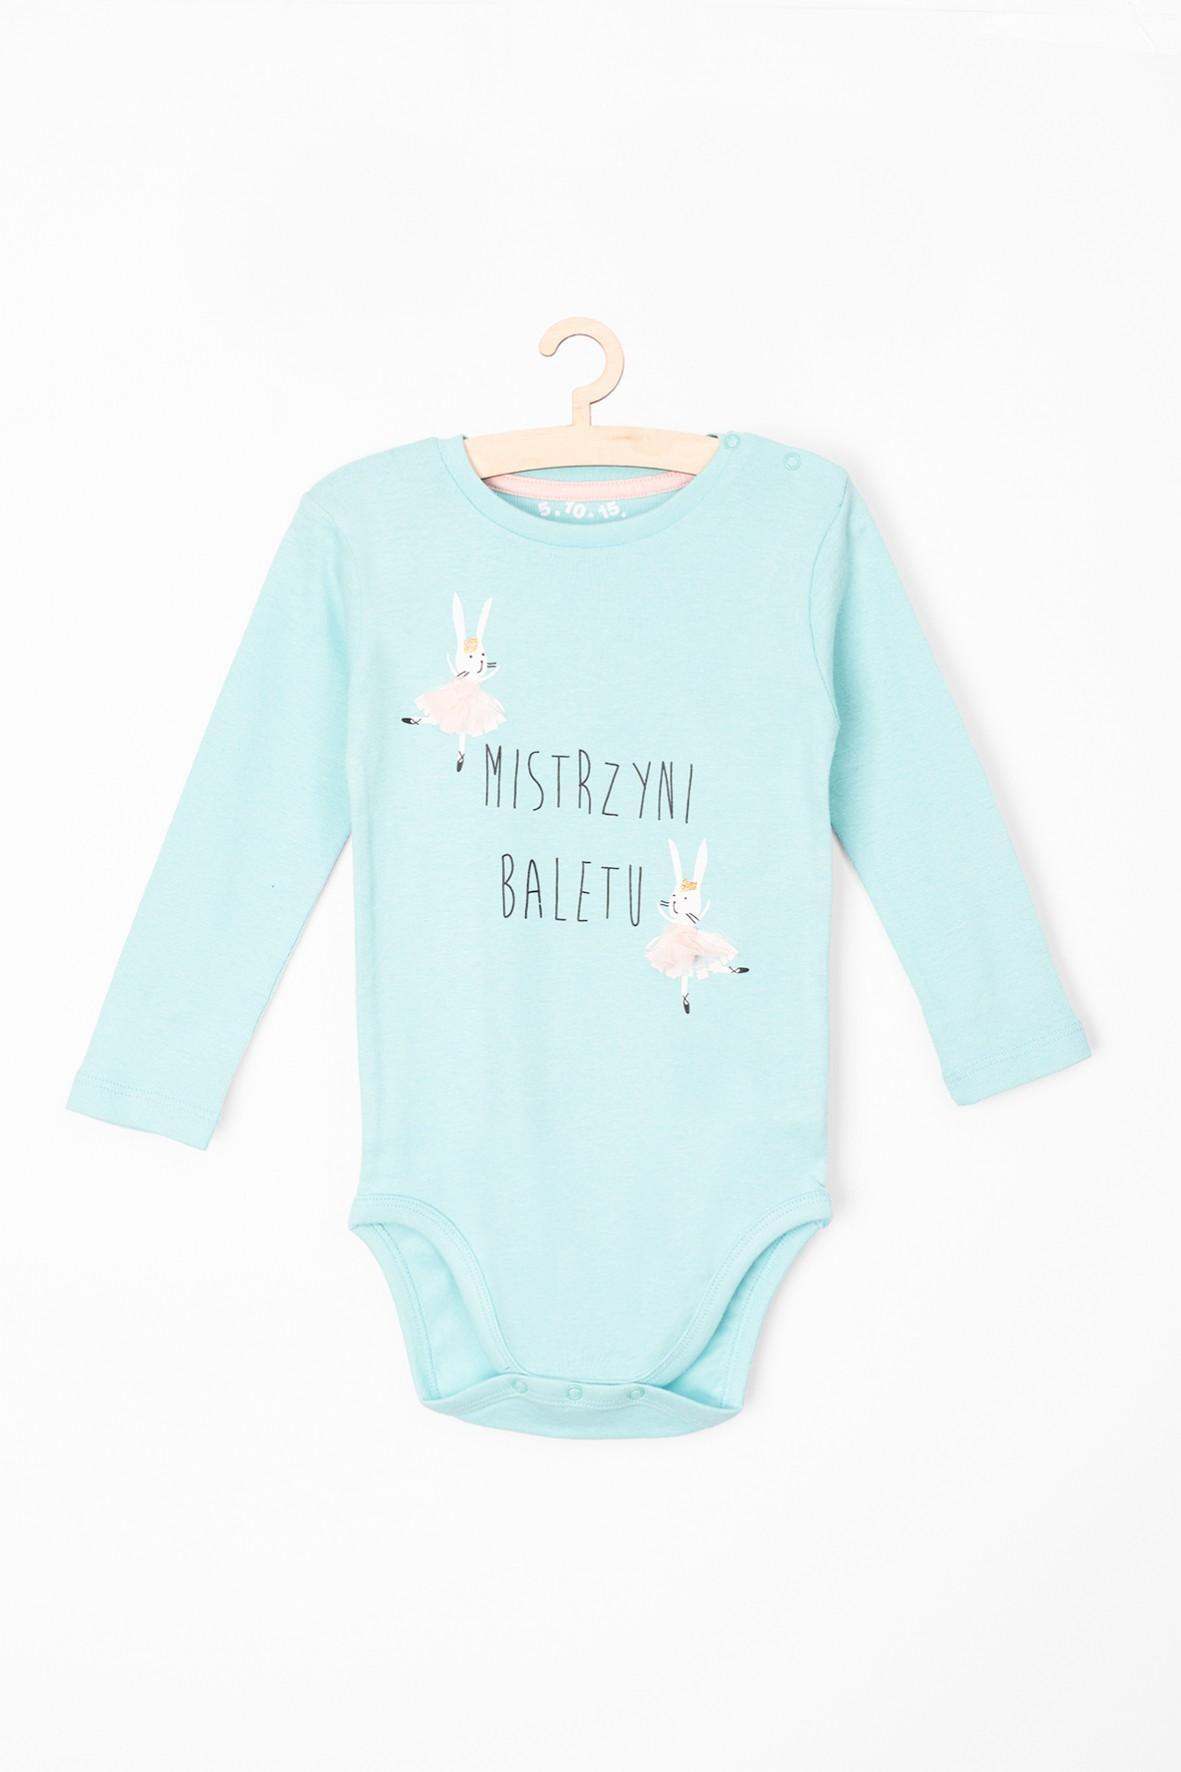 Bawełniane body niemowlęce z napisem Mistrzyni Baletu